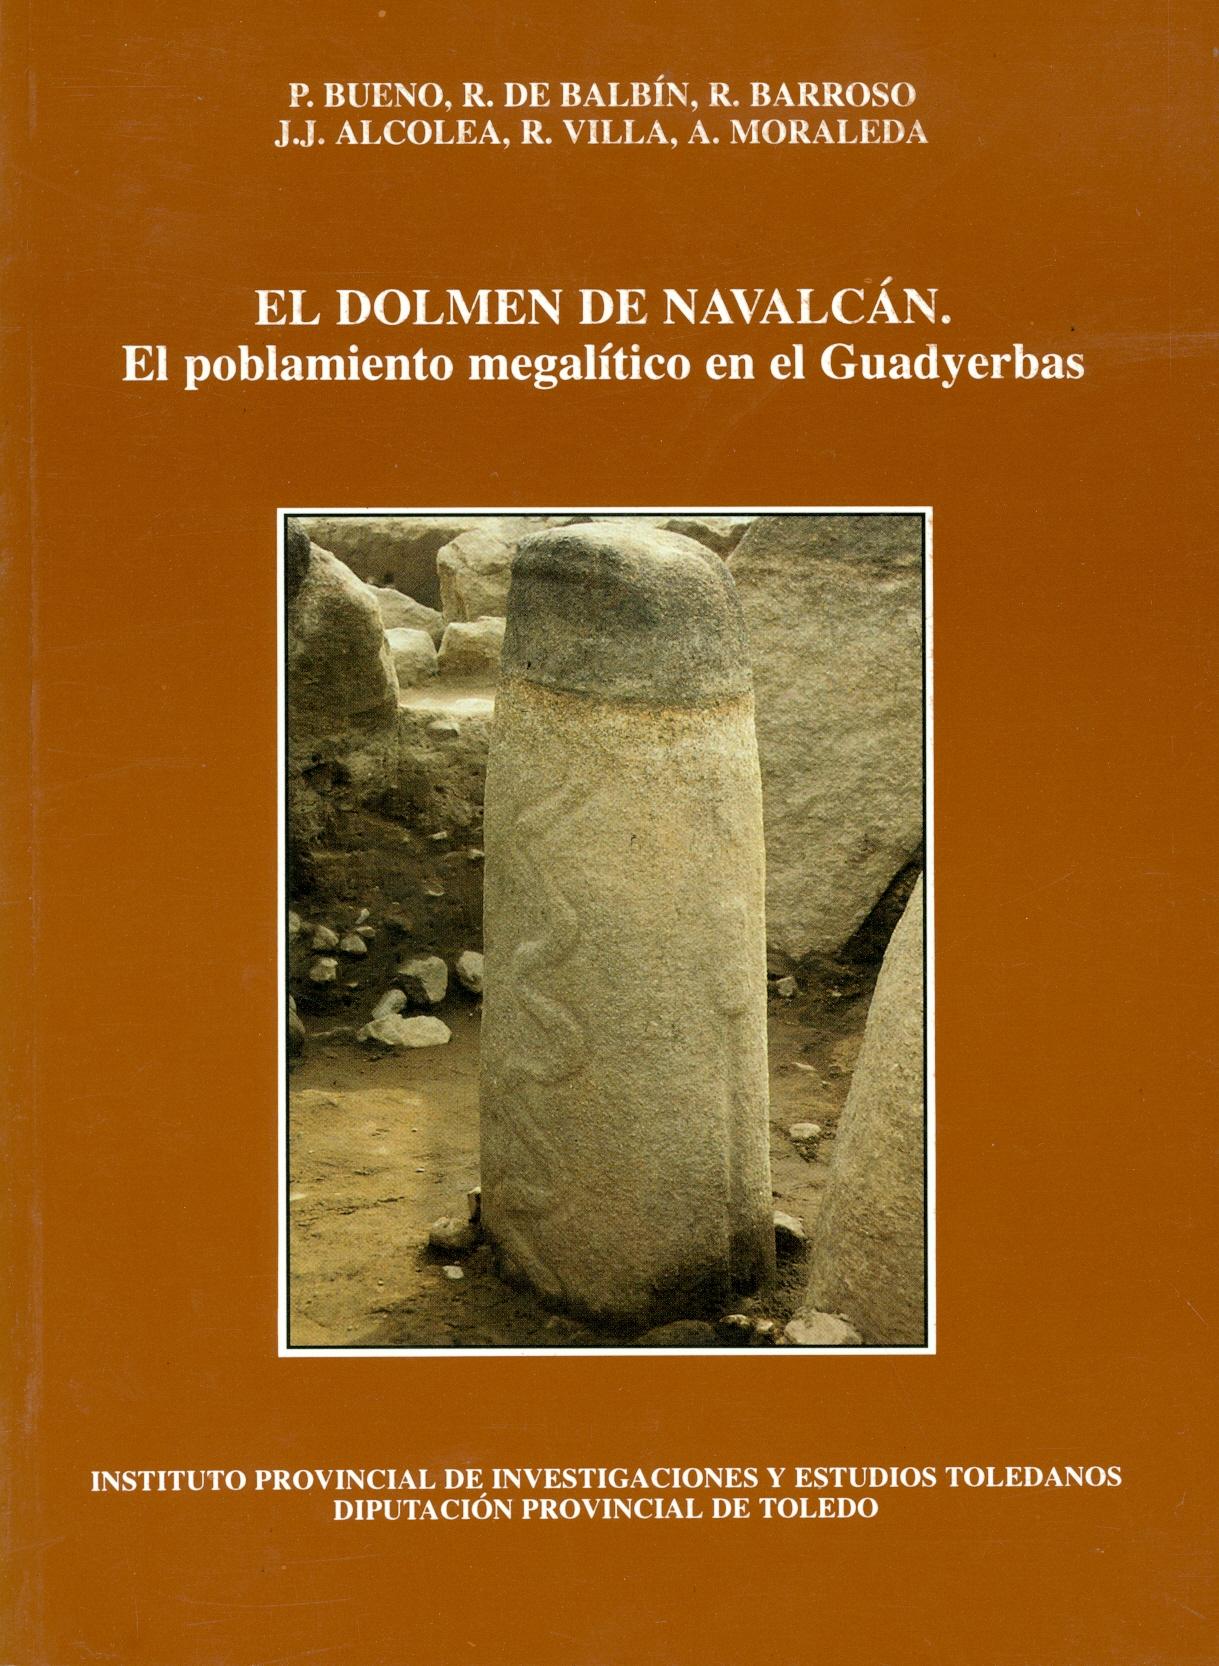 El dolmen de Navalcán. El poblamiento megalítico en el Guadyerbas